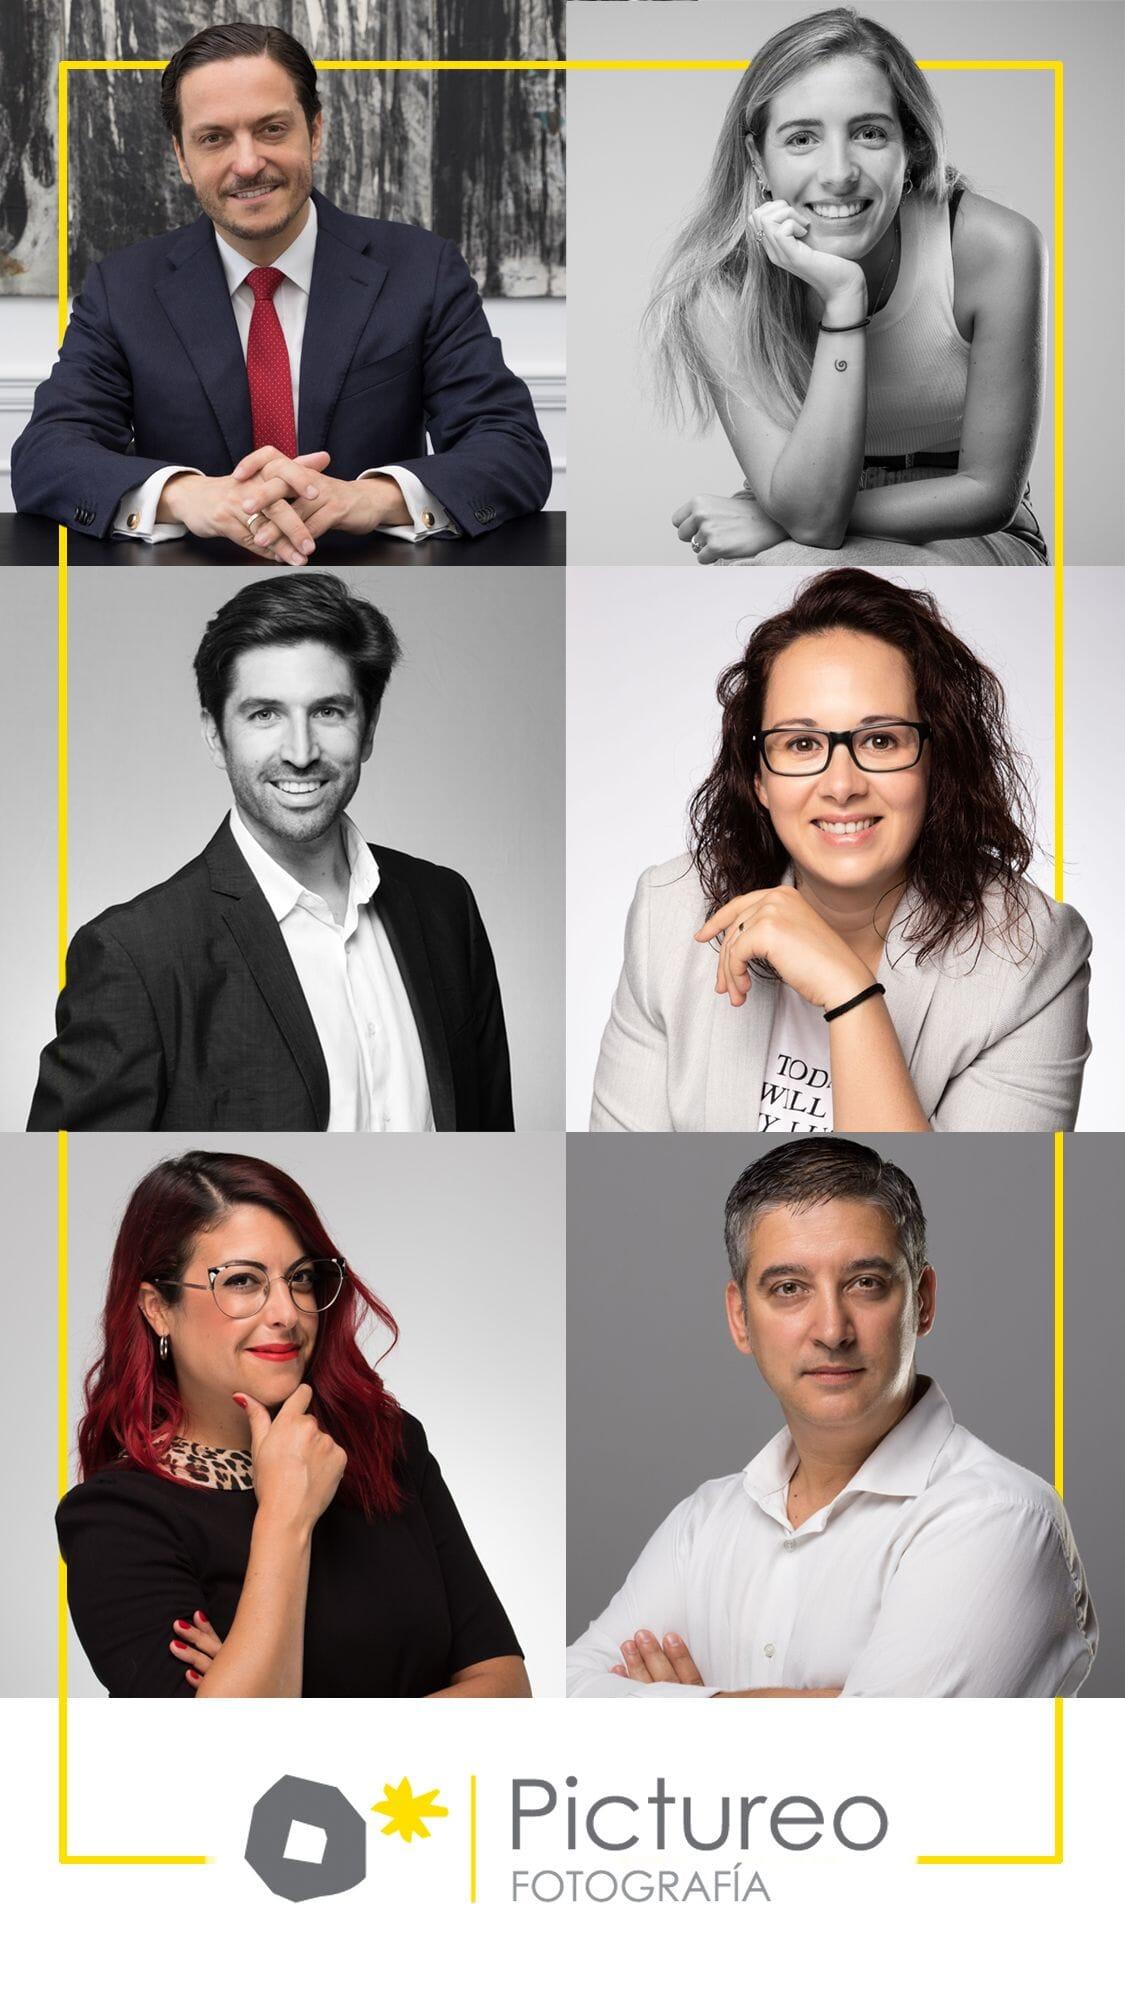 retratos-para-profesionales-perfiles-redes-sociales-9-16